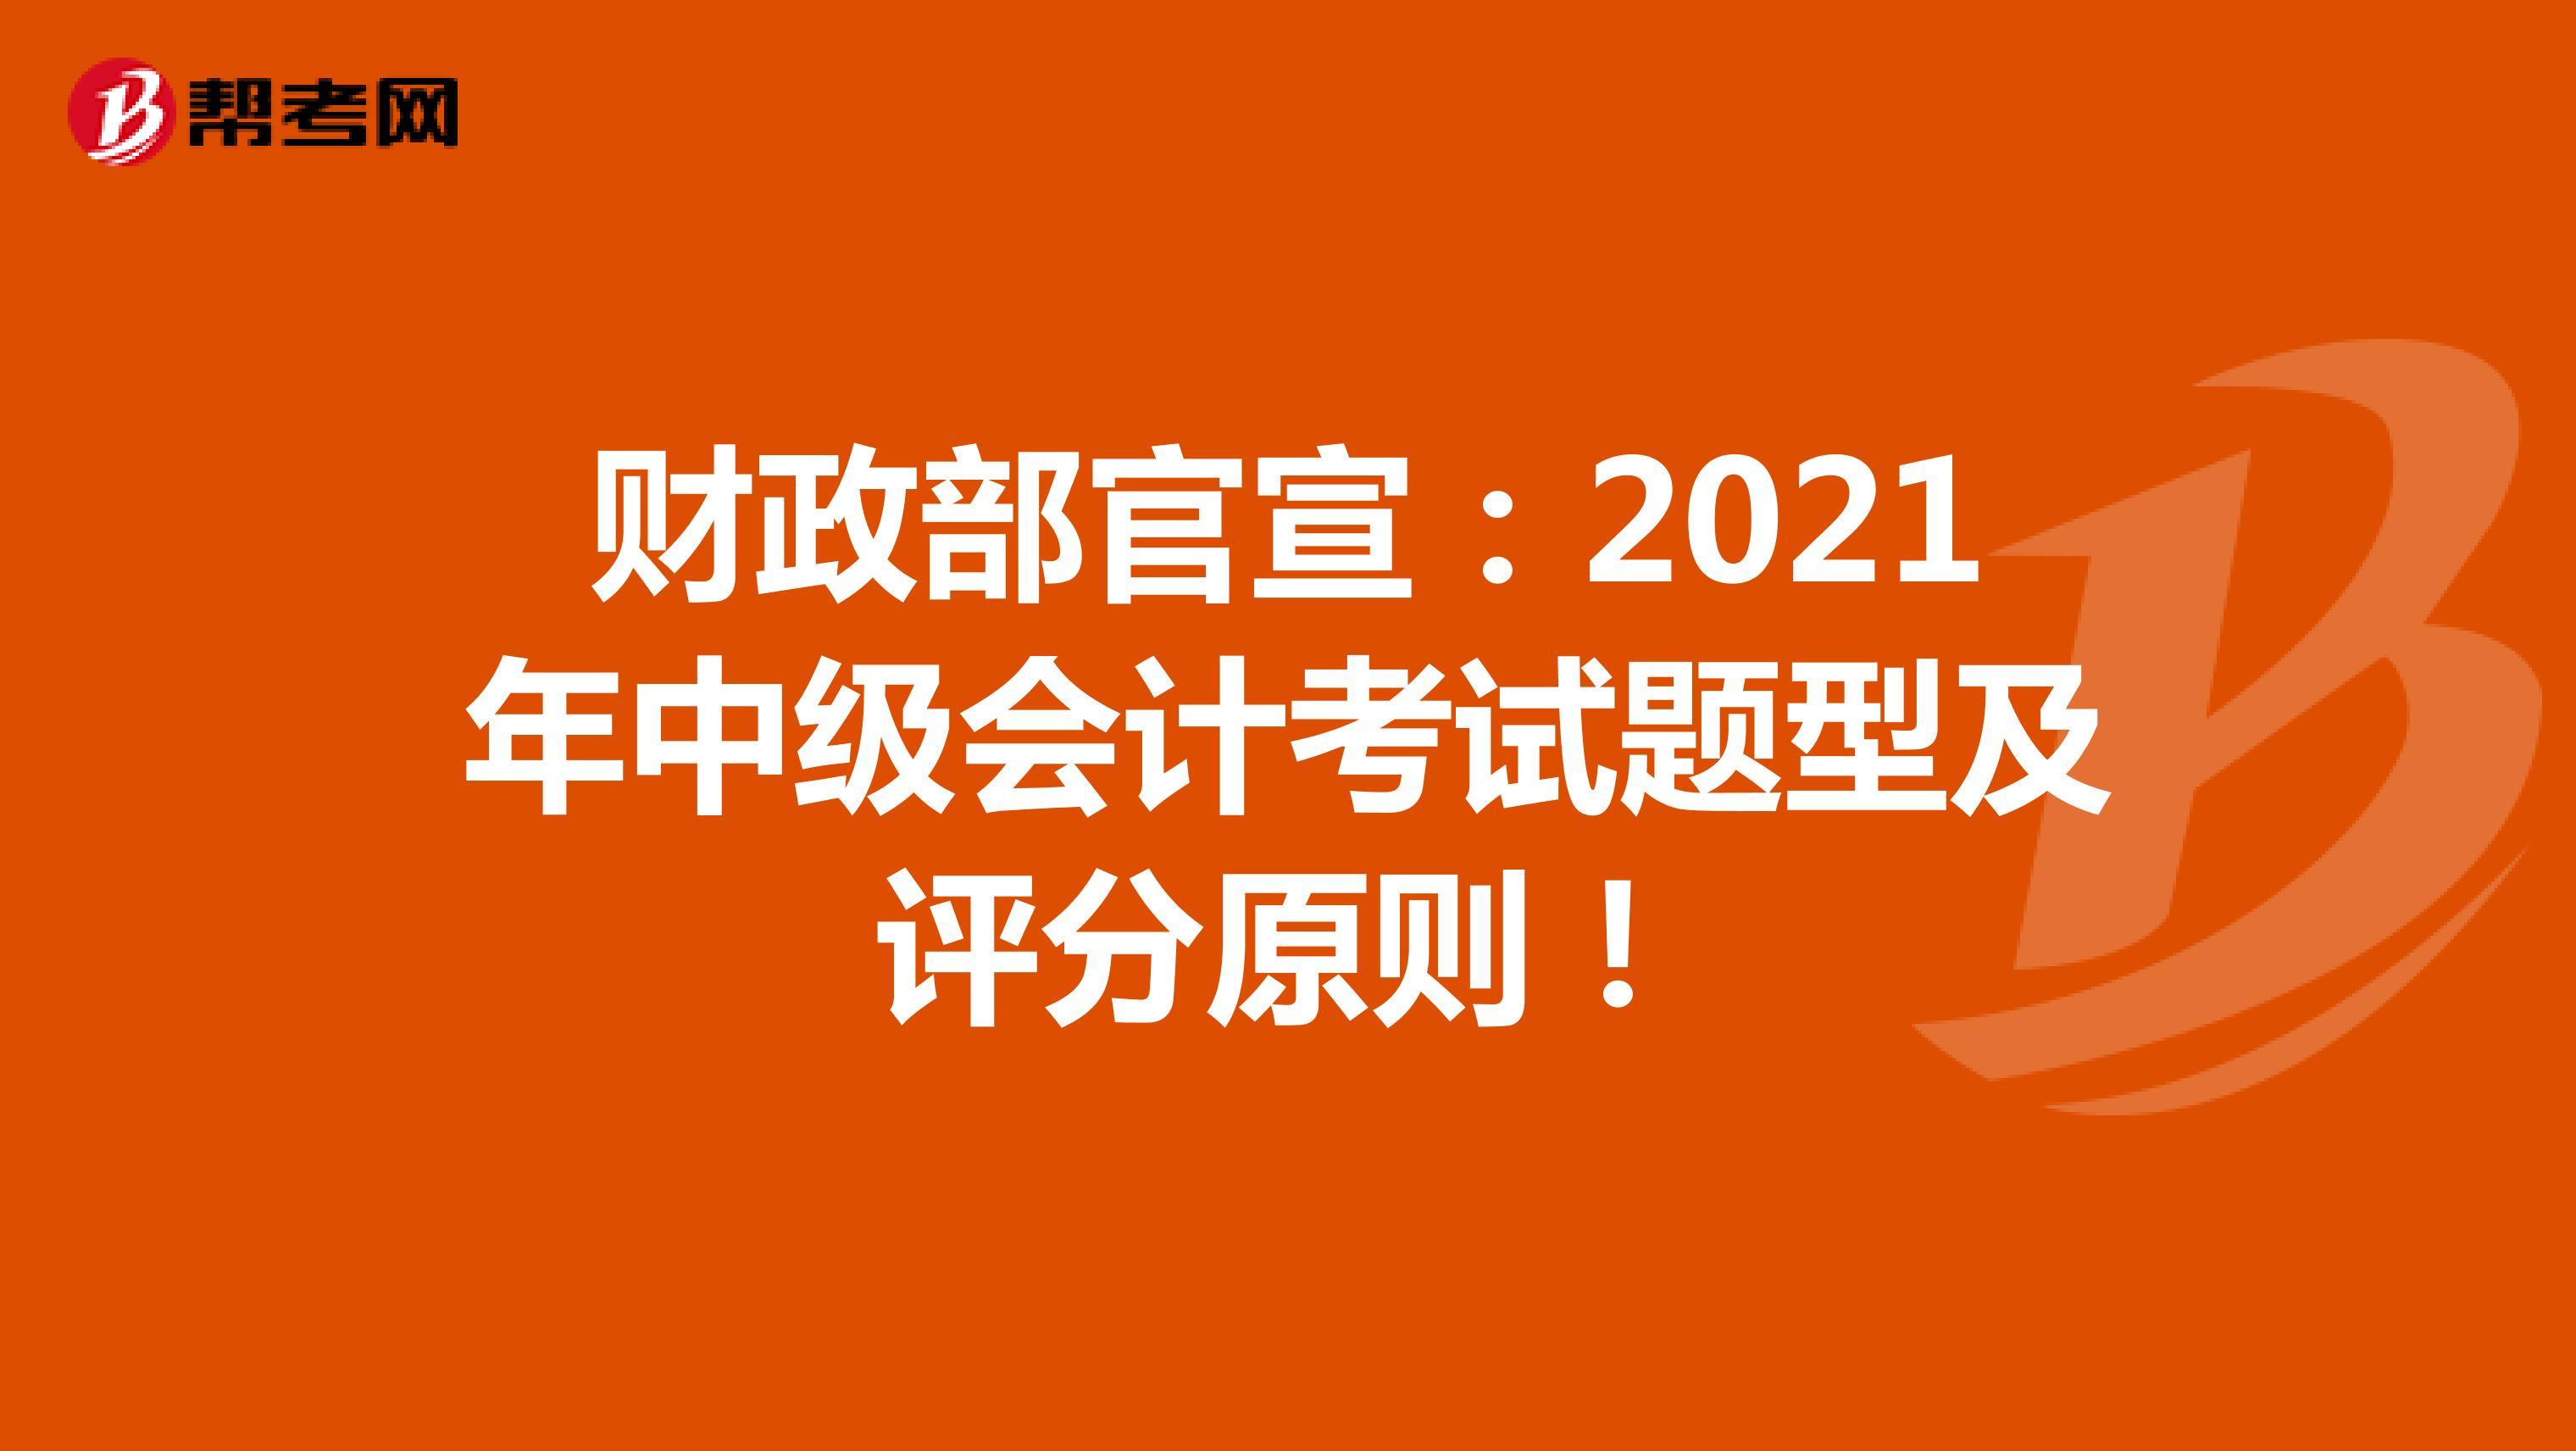 财政部官宣:2021年中级会计Beplay官方题型及评分原则!